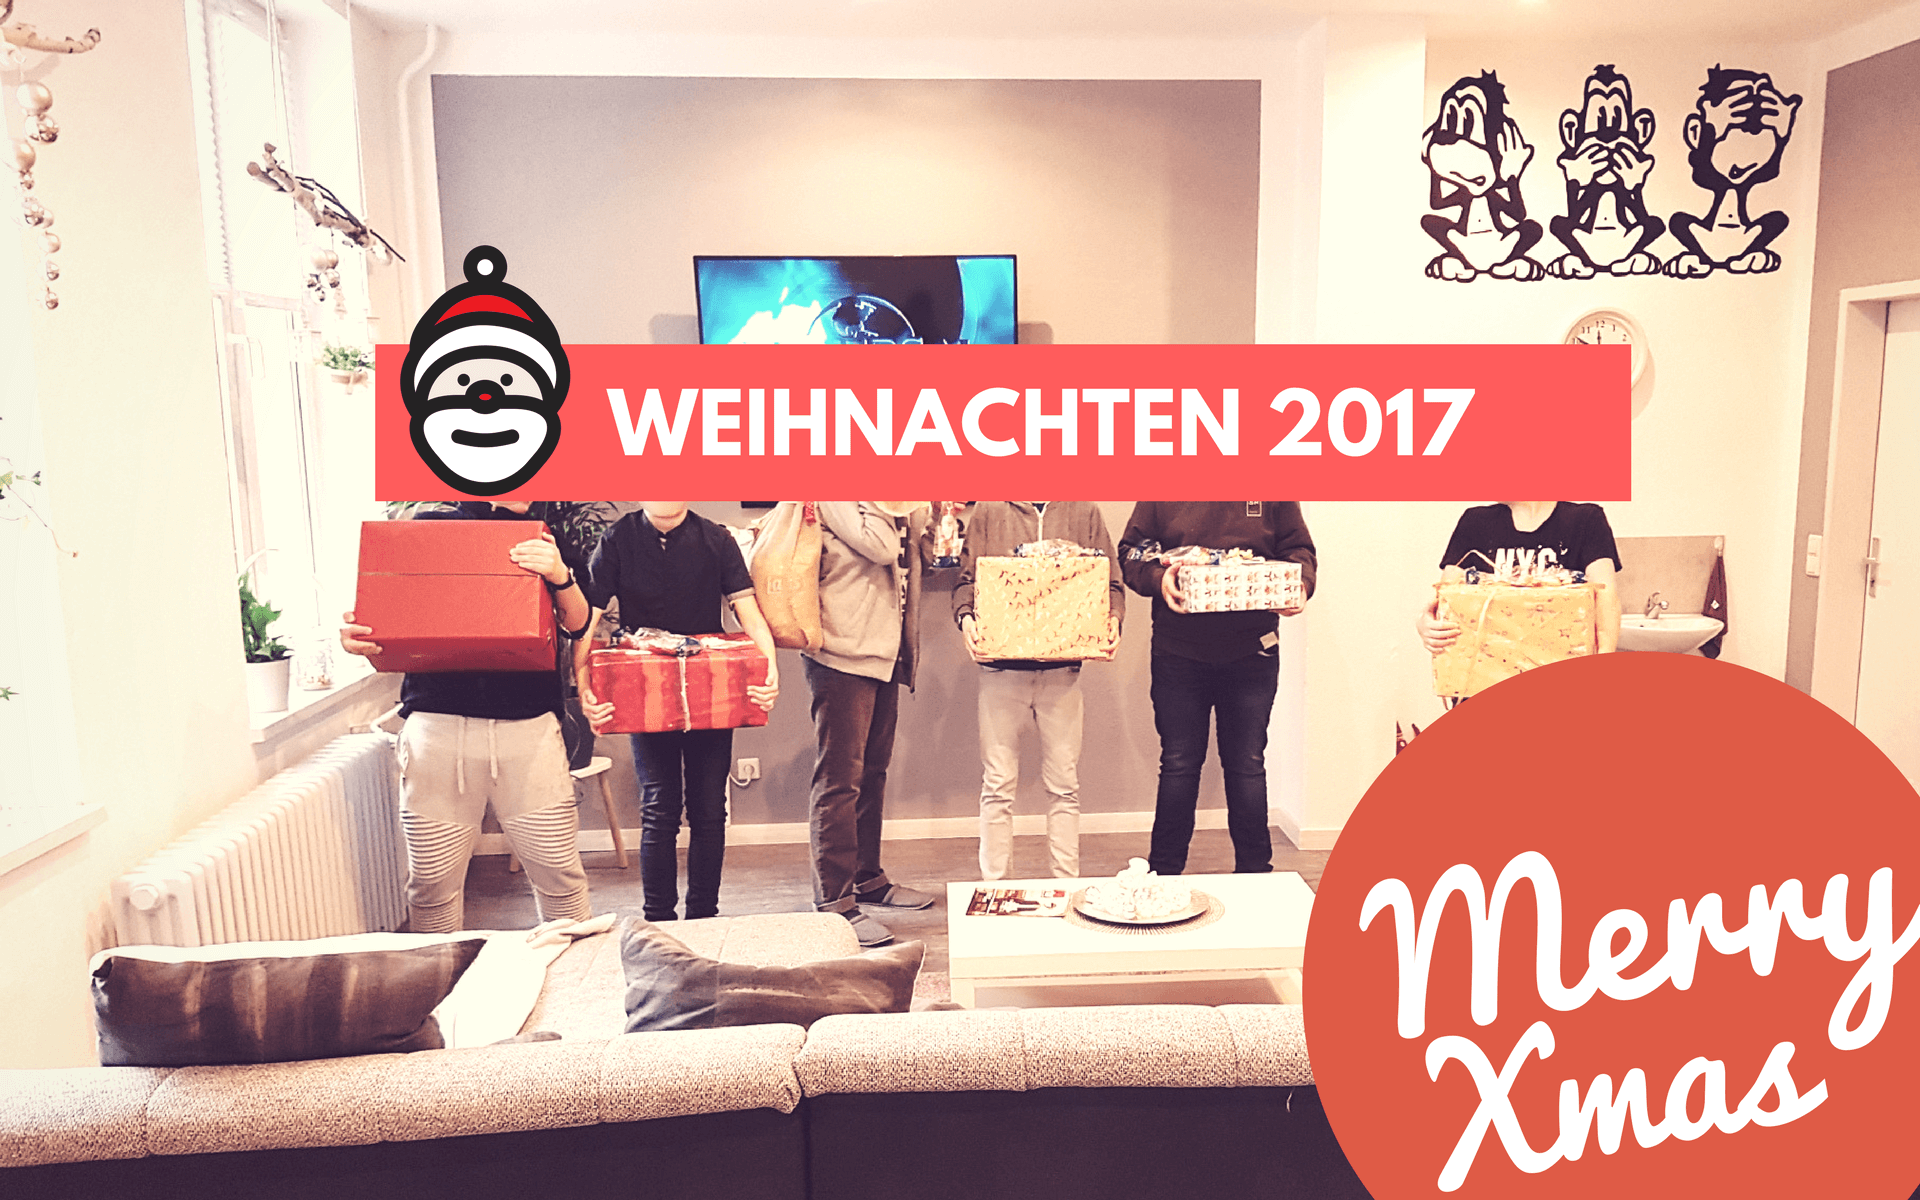 weihnachten 2017 in gro schacksdorf umgebinde. Black Bedroom Furniture Sets. Home Design Ideas